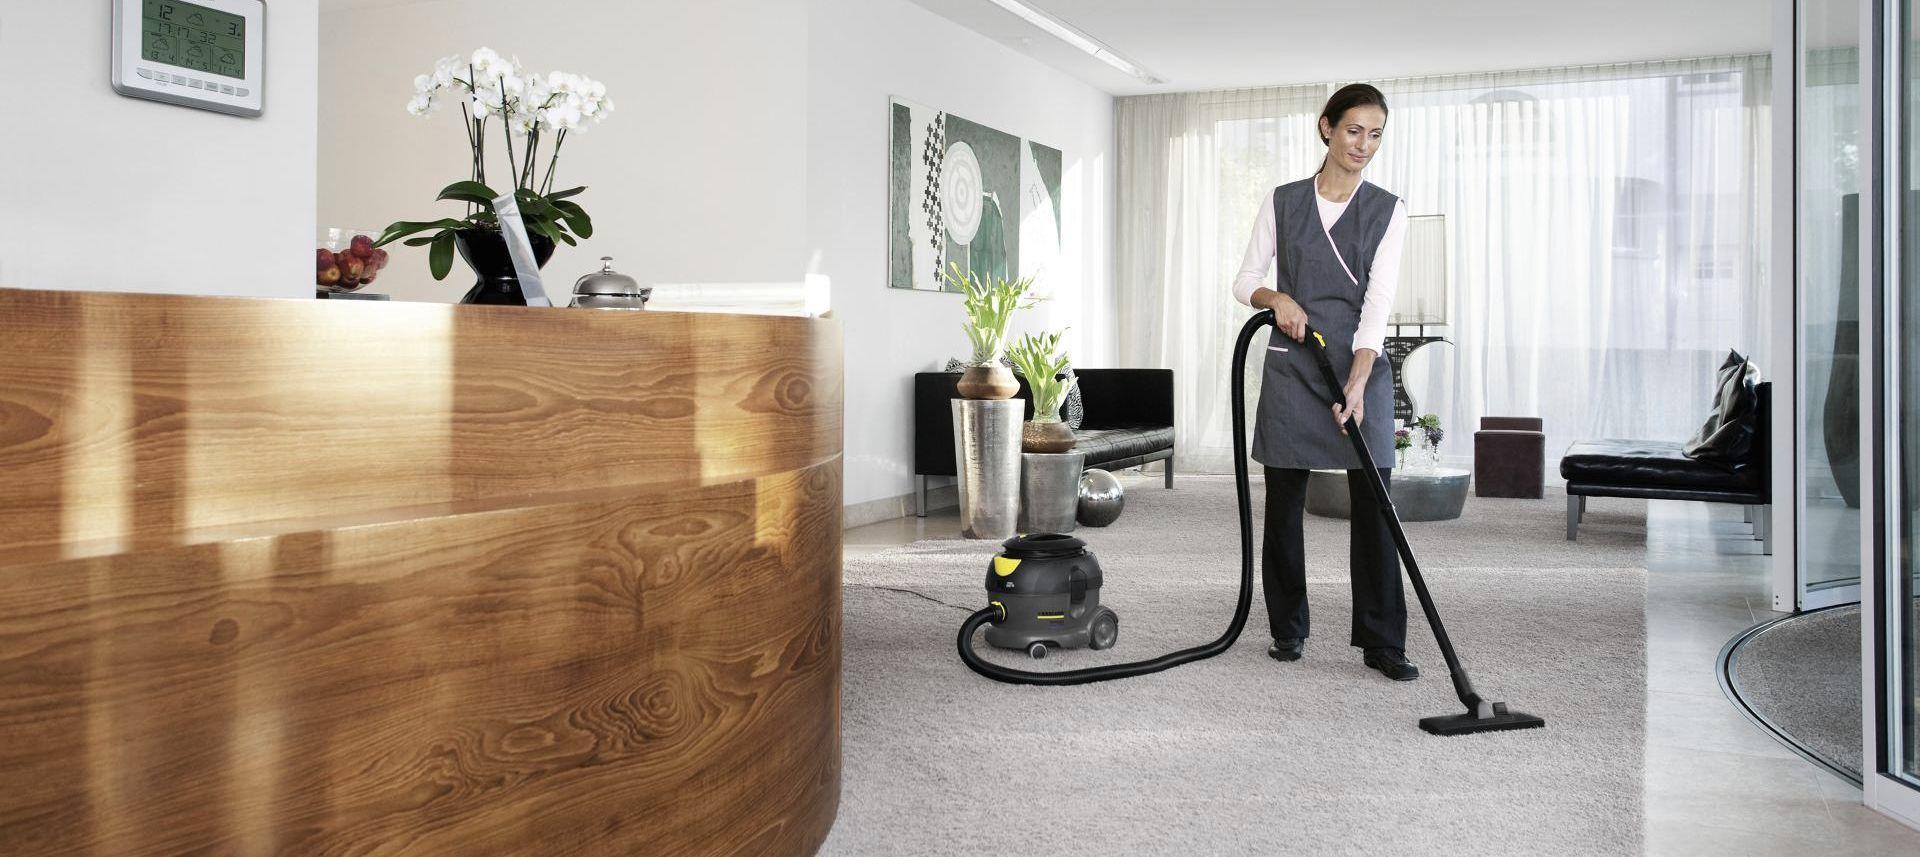 Нормы по СанПиНу при уборке служебных помещений и общих